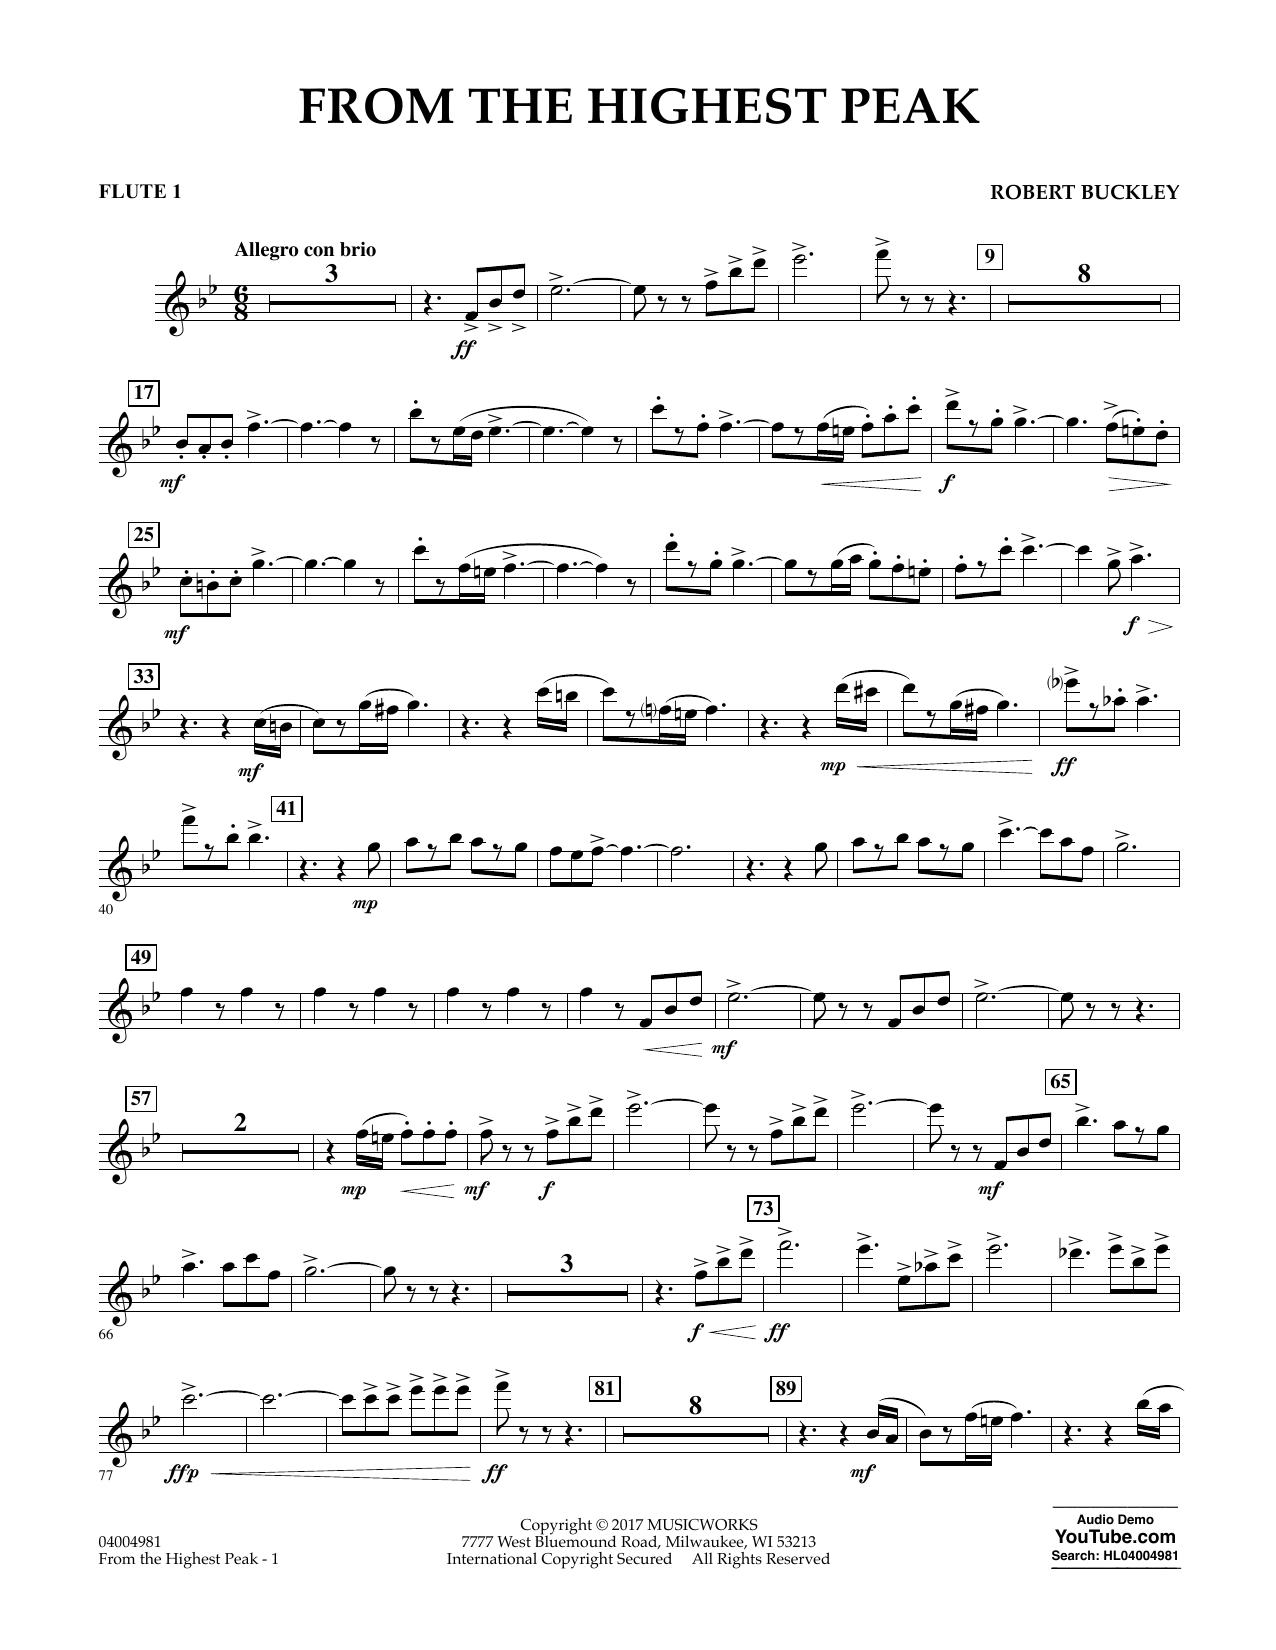 From the Highest Peak - Flute 1 Sheet Music